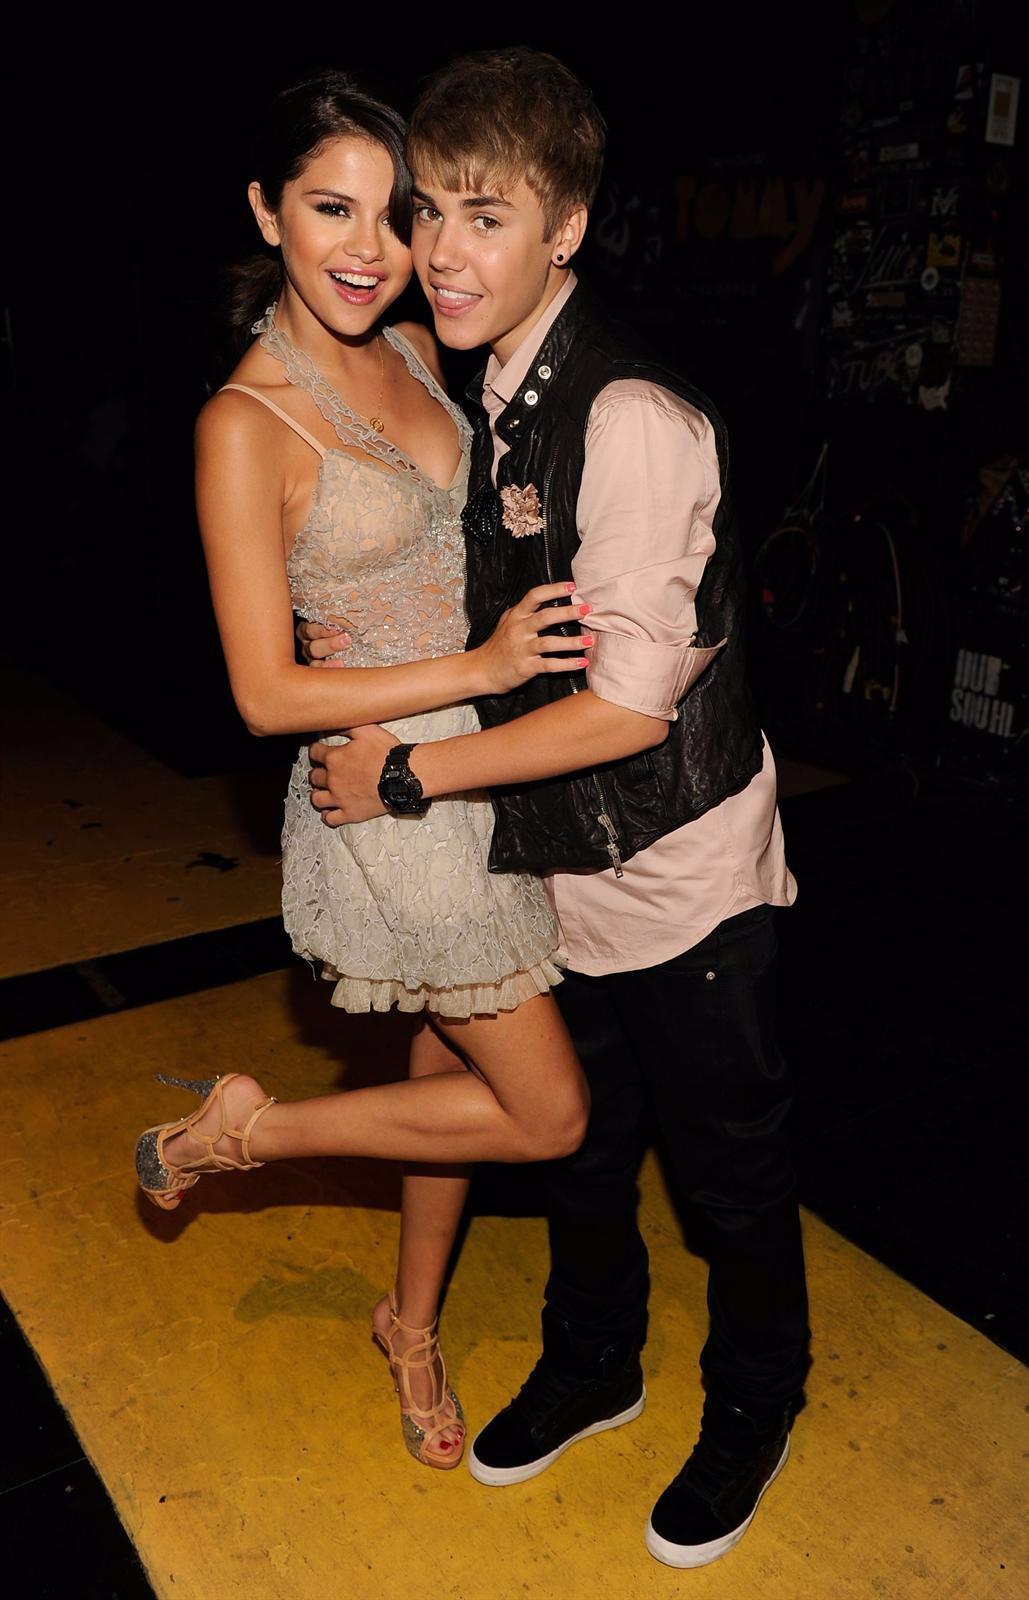 Justin Bieber Y Selena Gomez Posan Divertidos Y Muy Agarrados